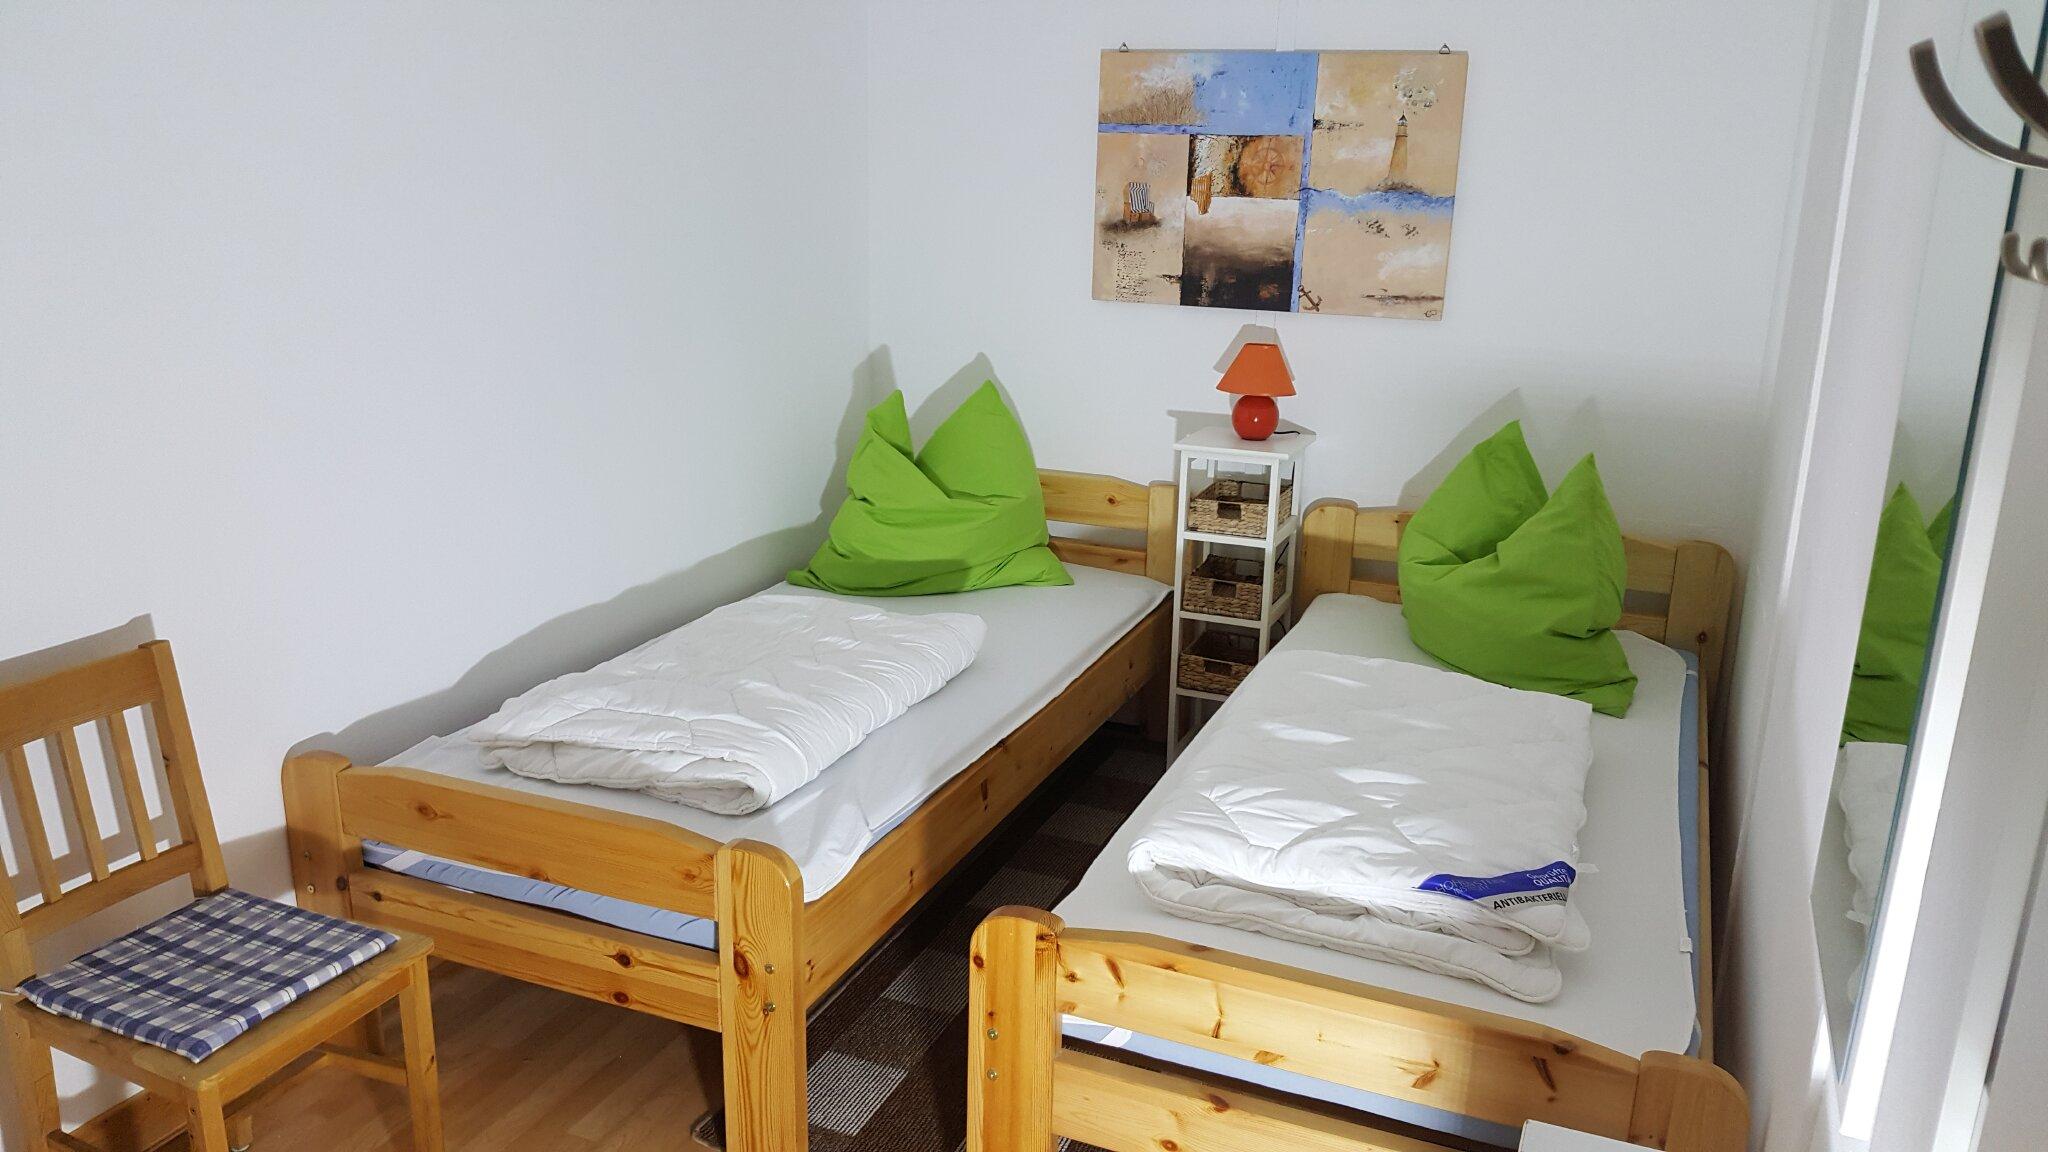 Wohnraum mit Küchenzeile u. Doppelbett